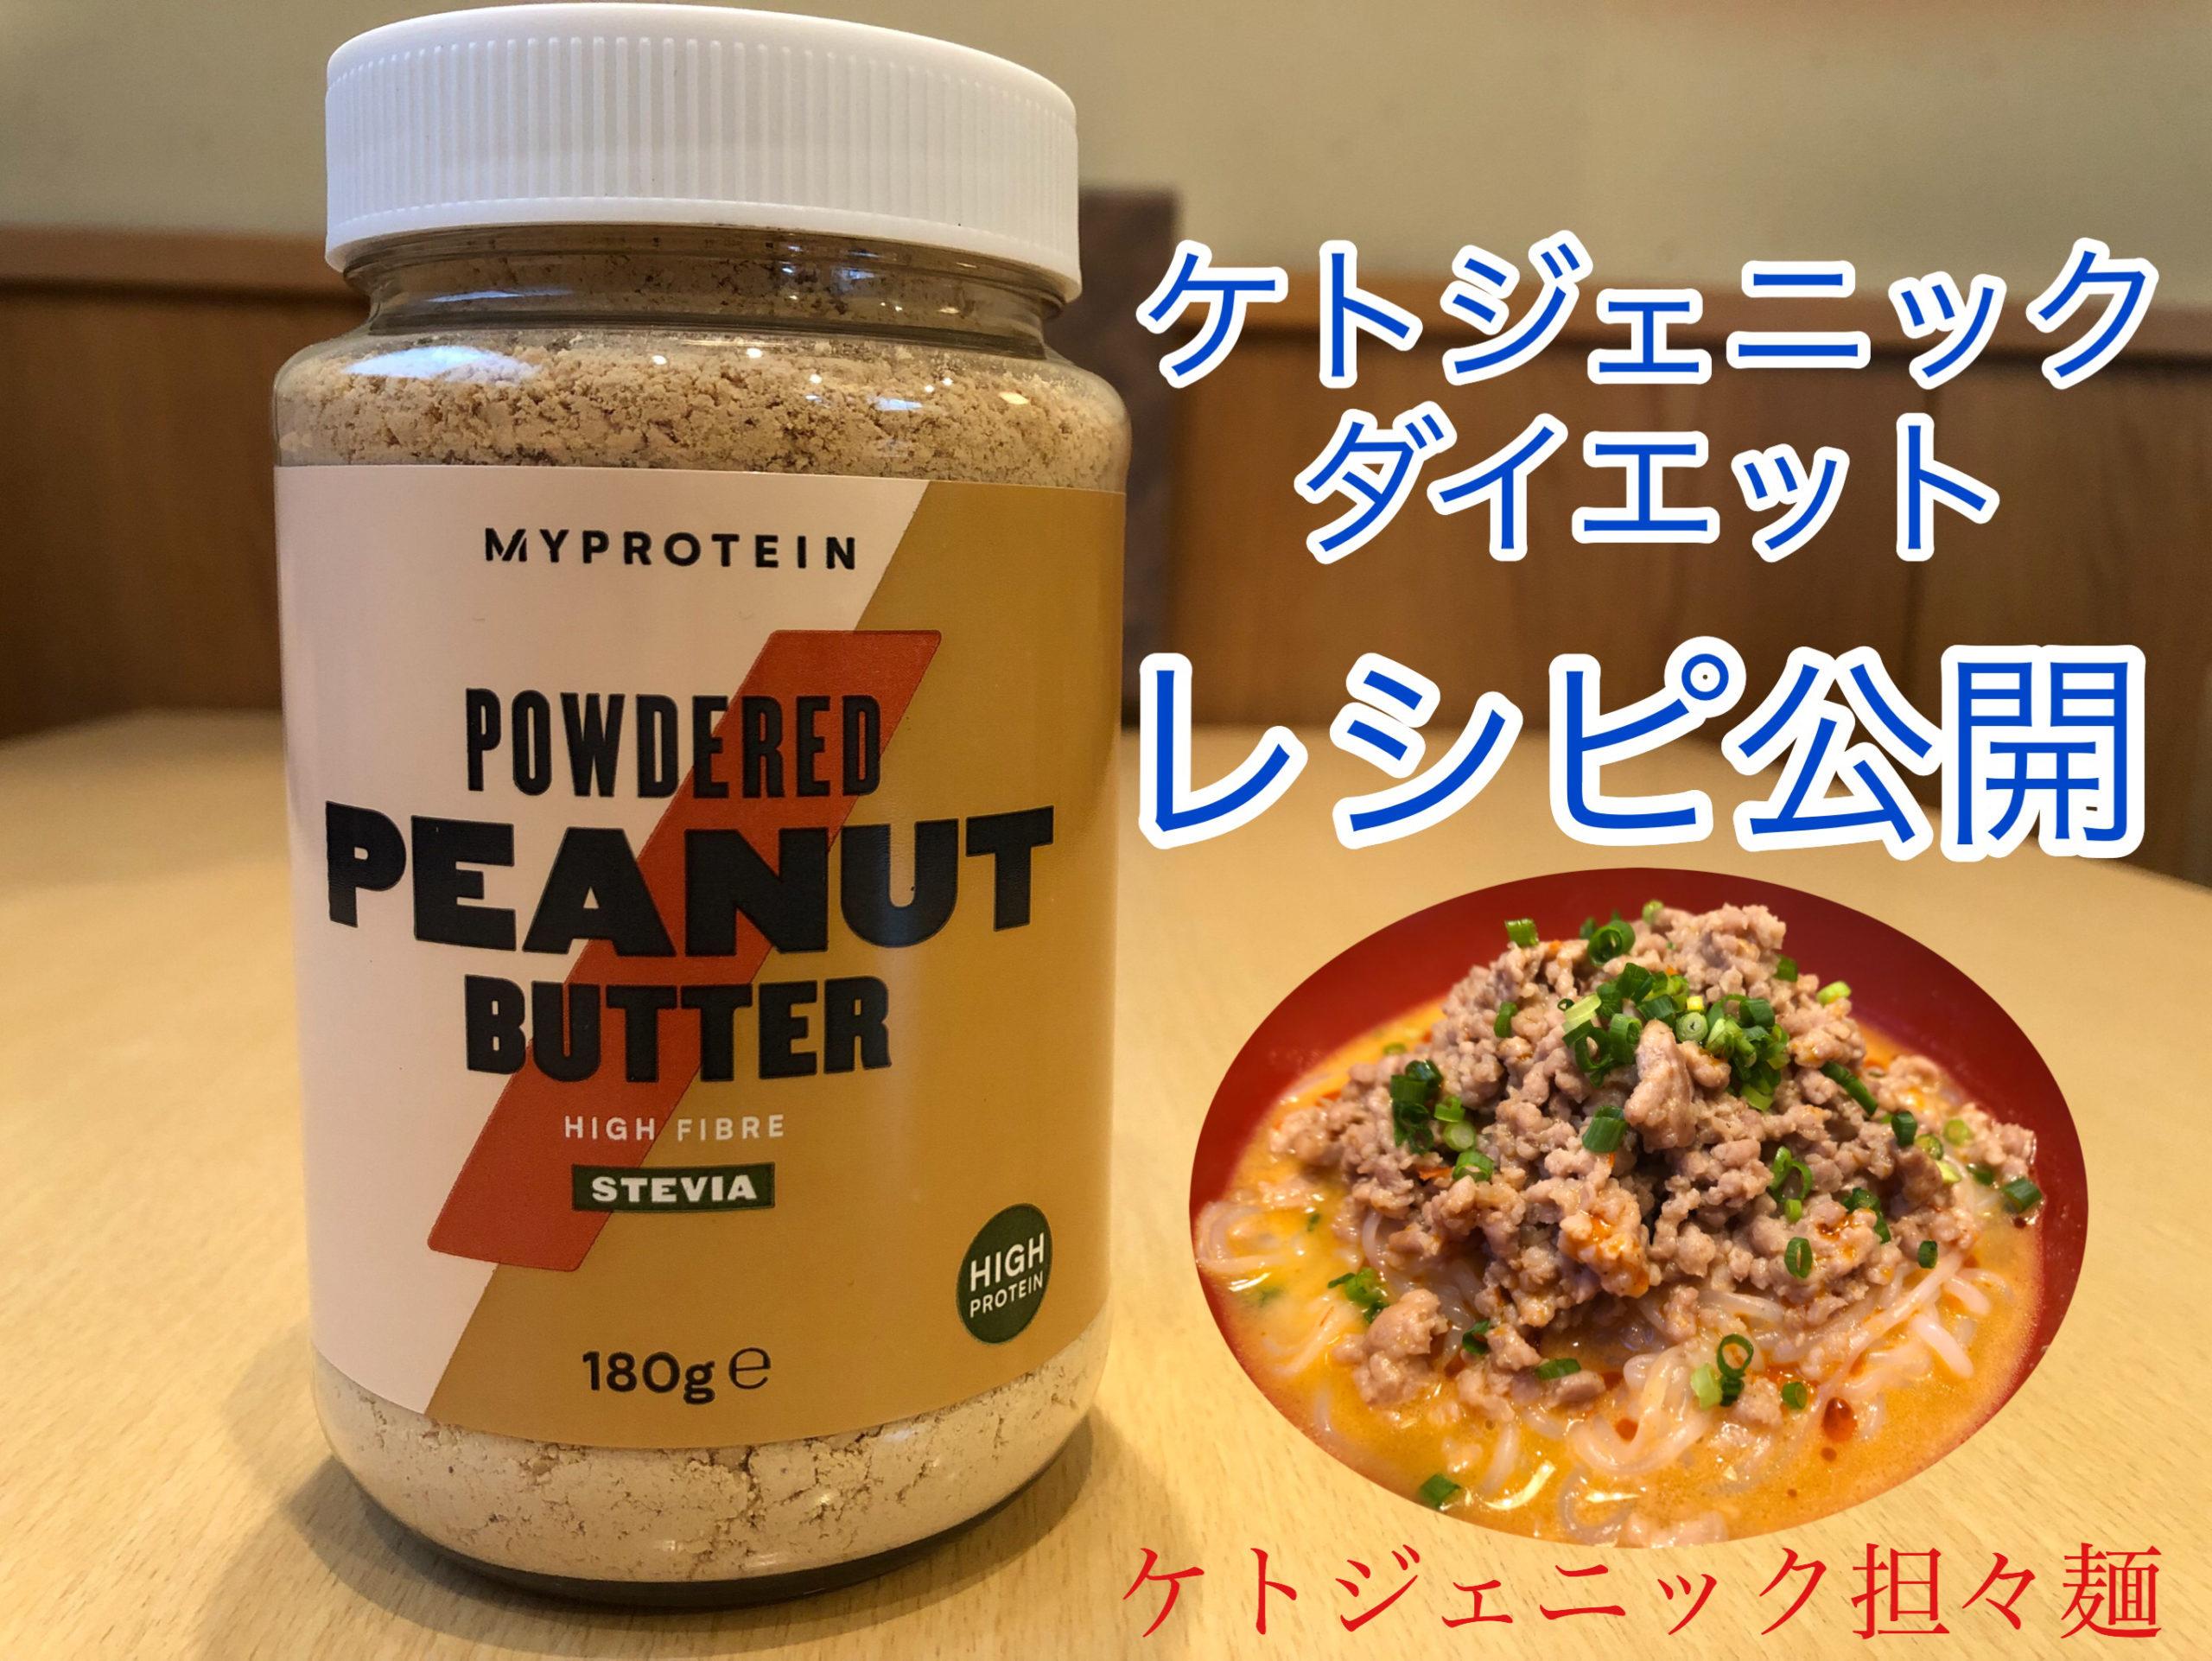 マイプロテインのピーナッツパウダー(ステビア味)のレシピ付きレビュー。低脂質で低糖!増量にも減量にも使えるオススメ商品